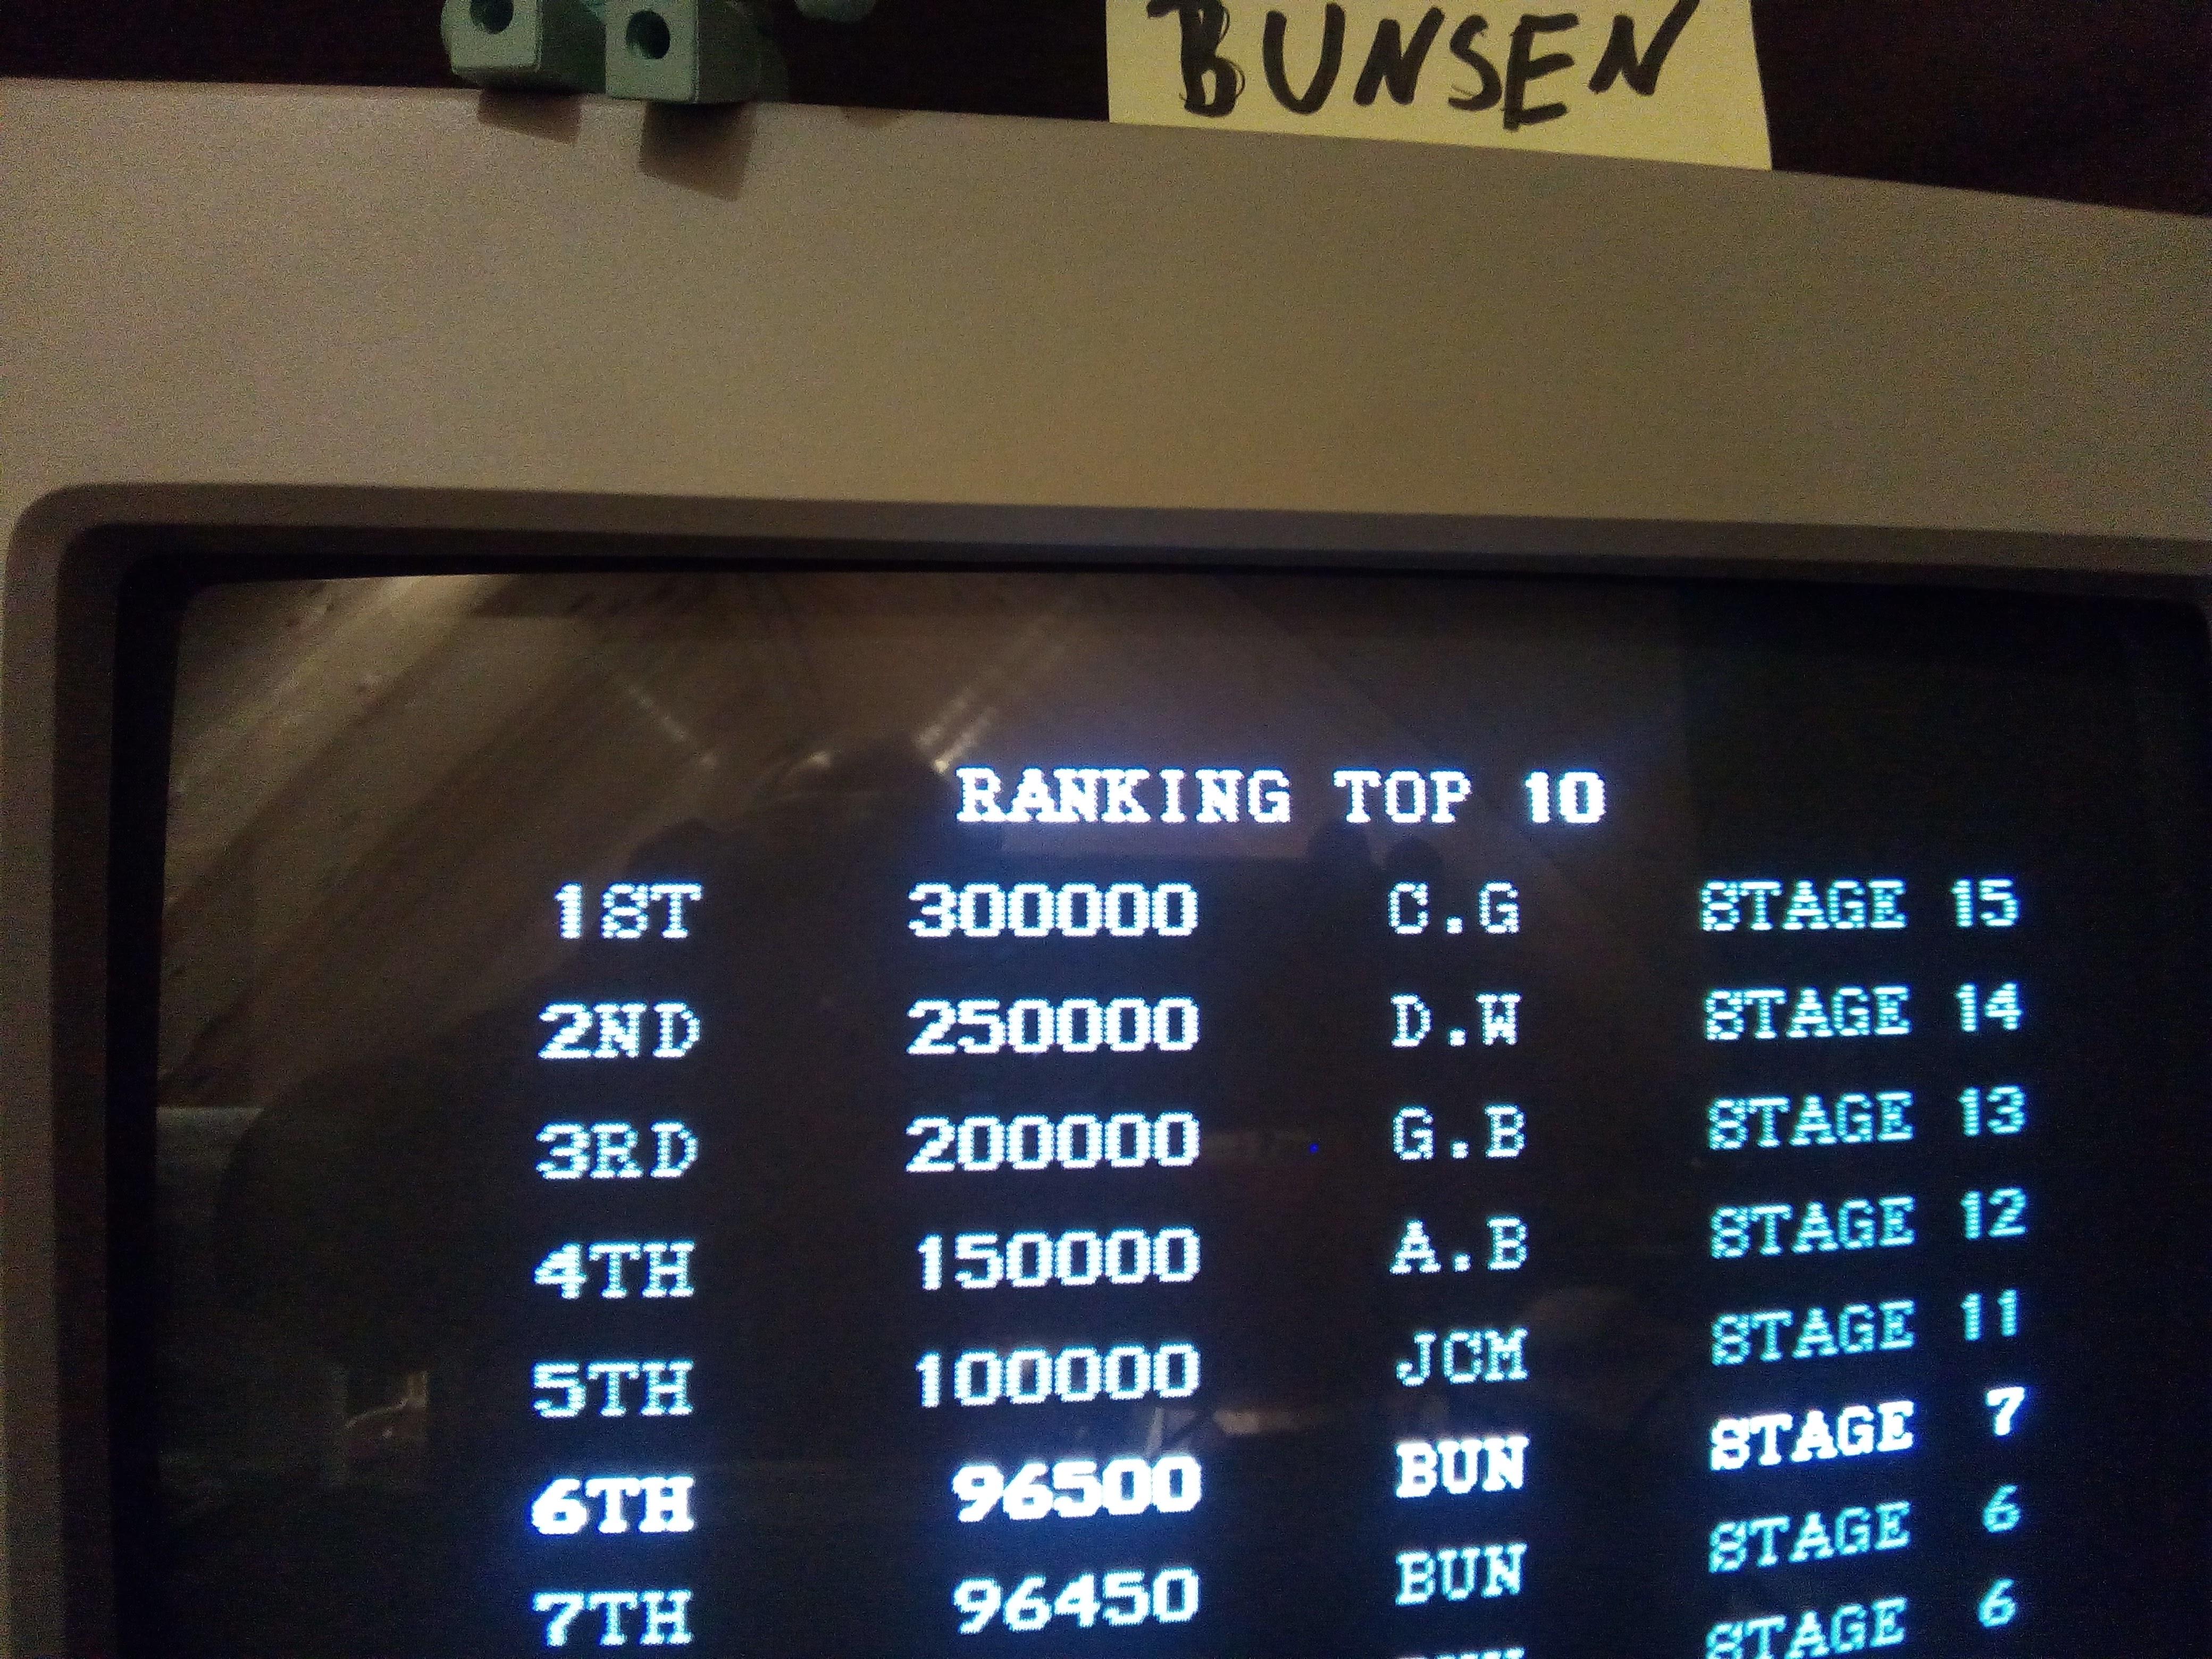 Bunsen: Pang [Normal] (Atari ST) 96,500 points on 2017-10-26 15:58:20